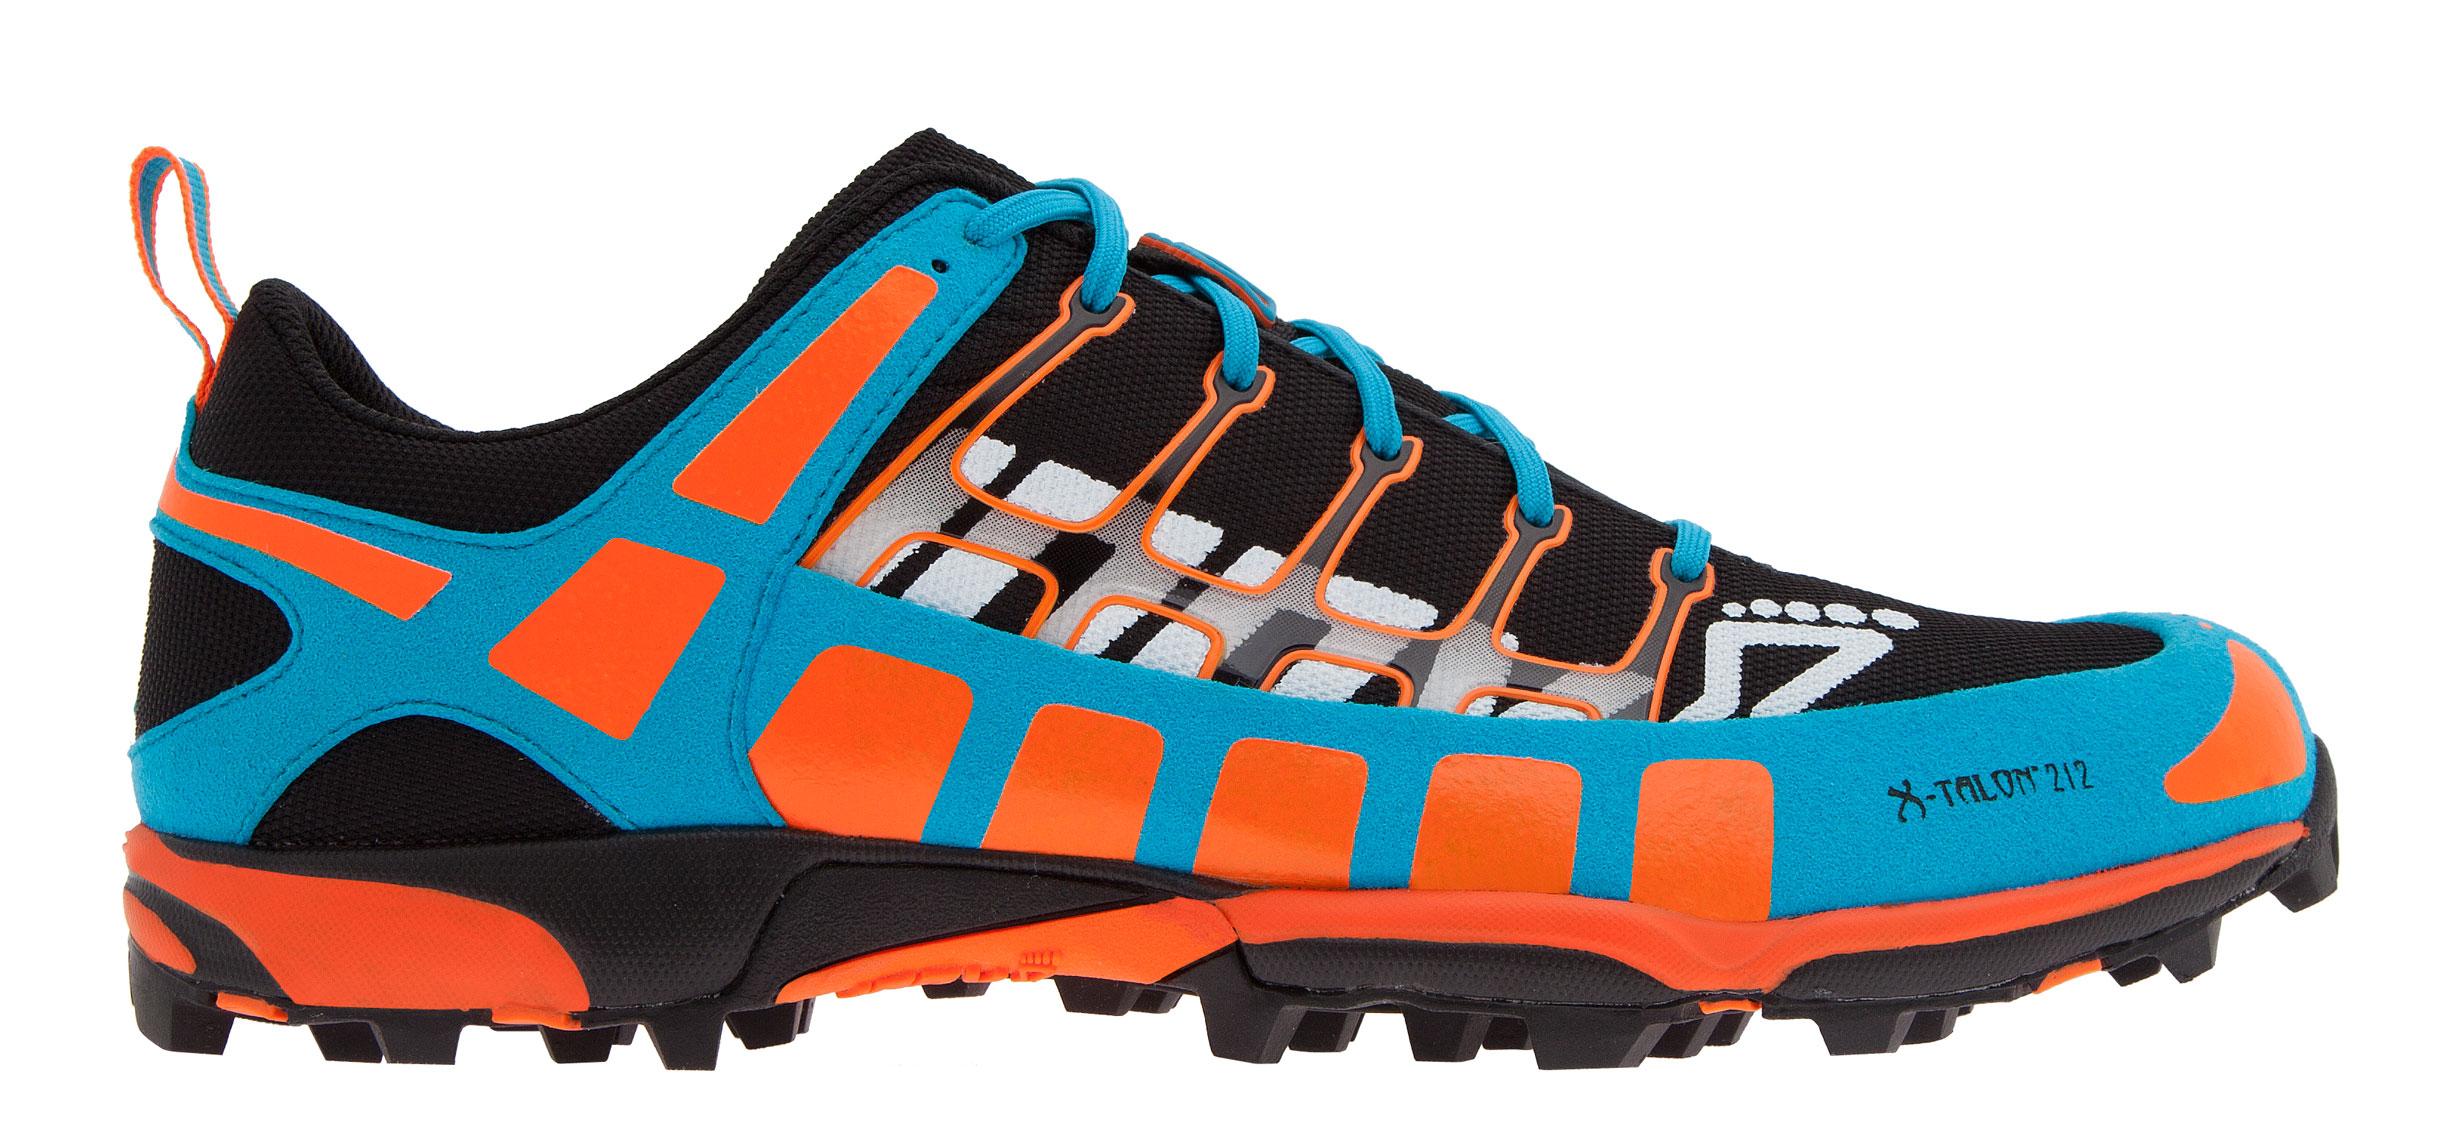 Best Orienteering Shoes